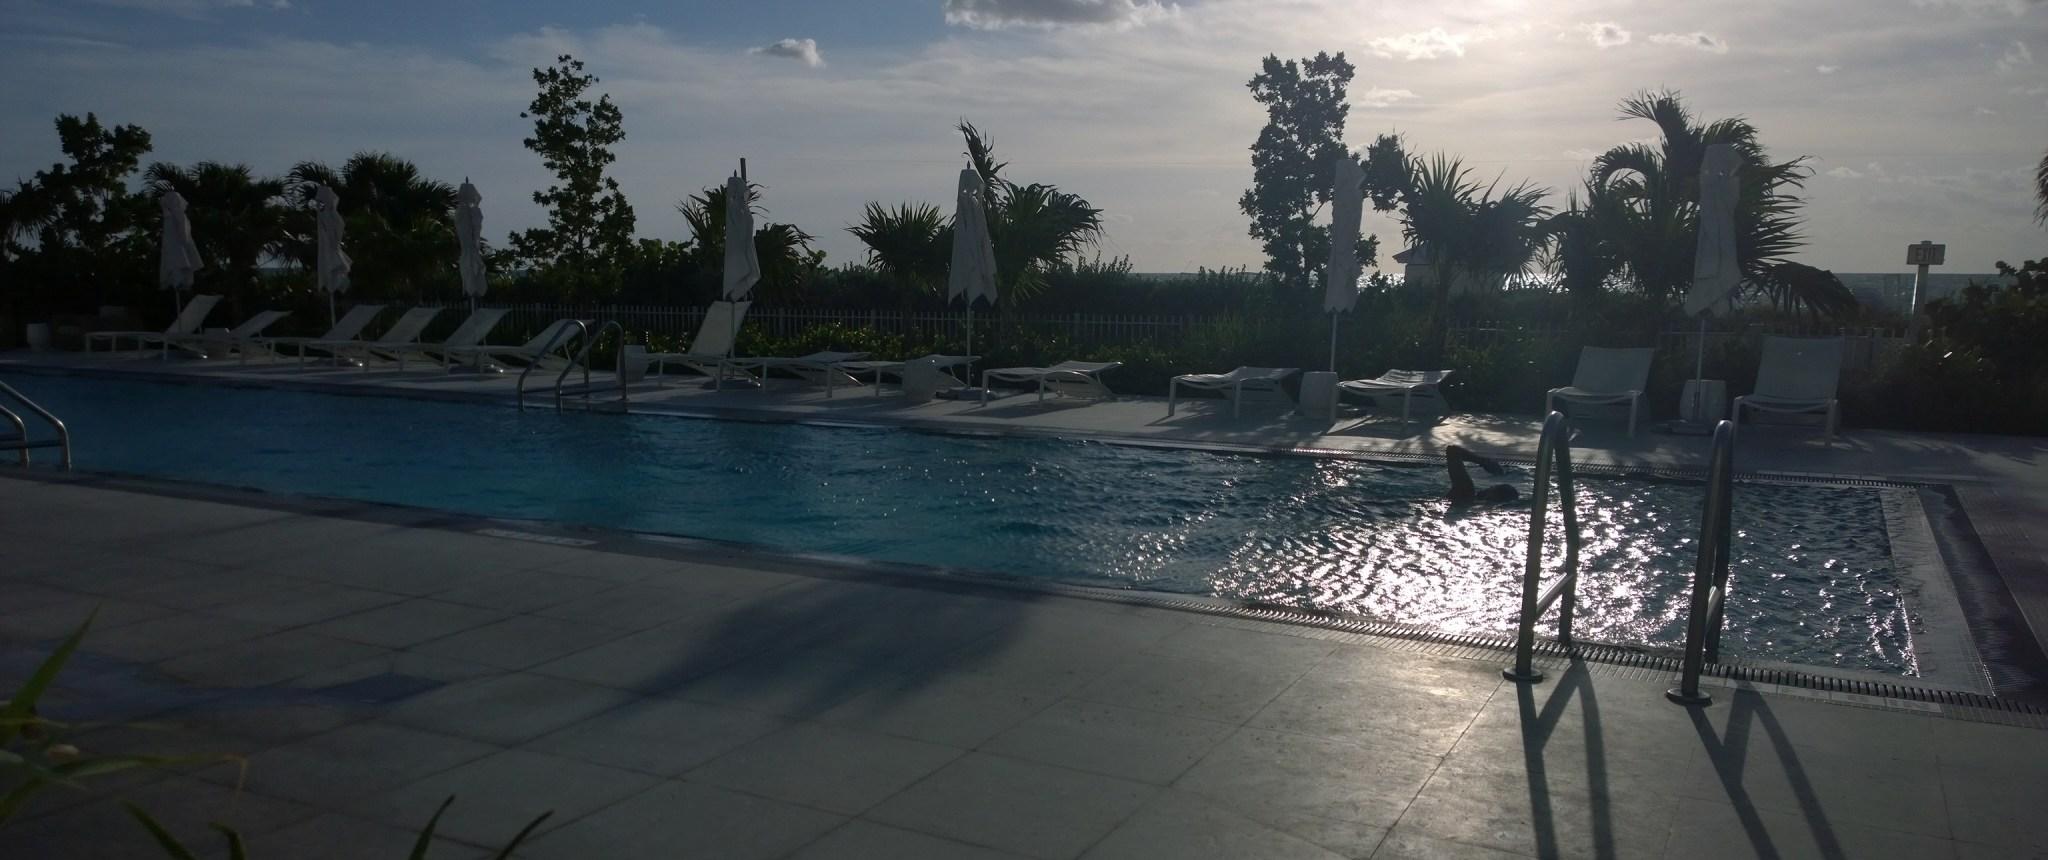 Aamulla kävimme vielä toisen kuntosalikeikan (urheilukisa puskee päälle!!) ja Jaakko kävi uimassa.